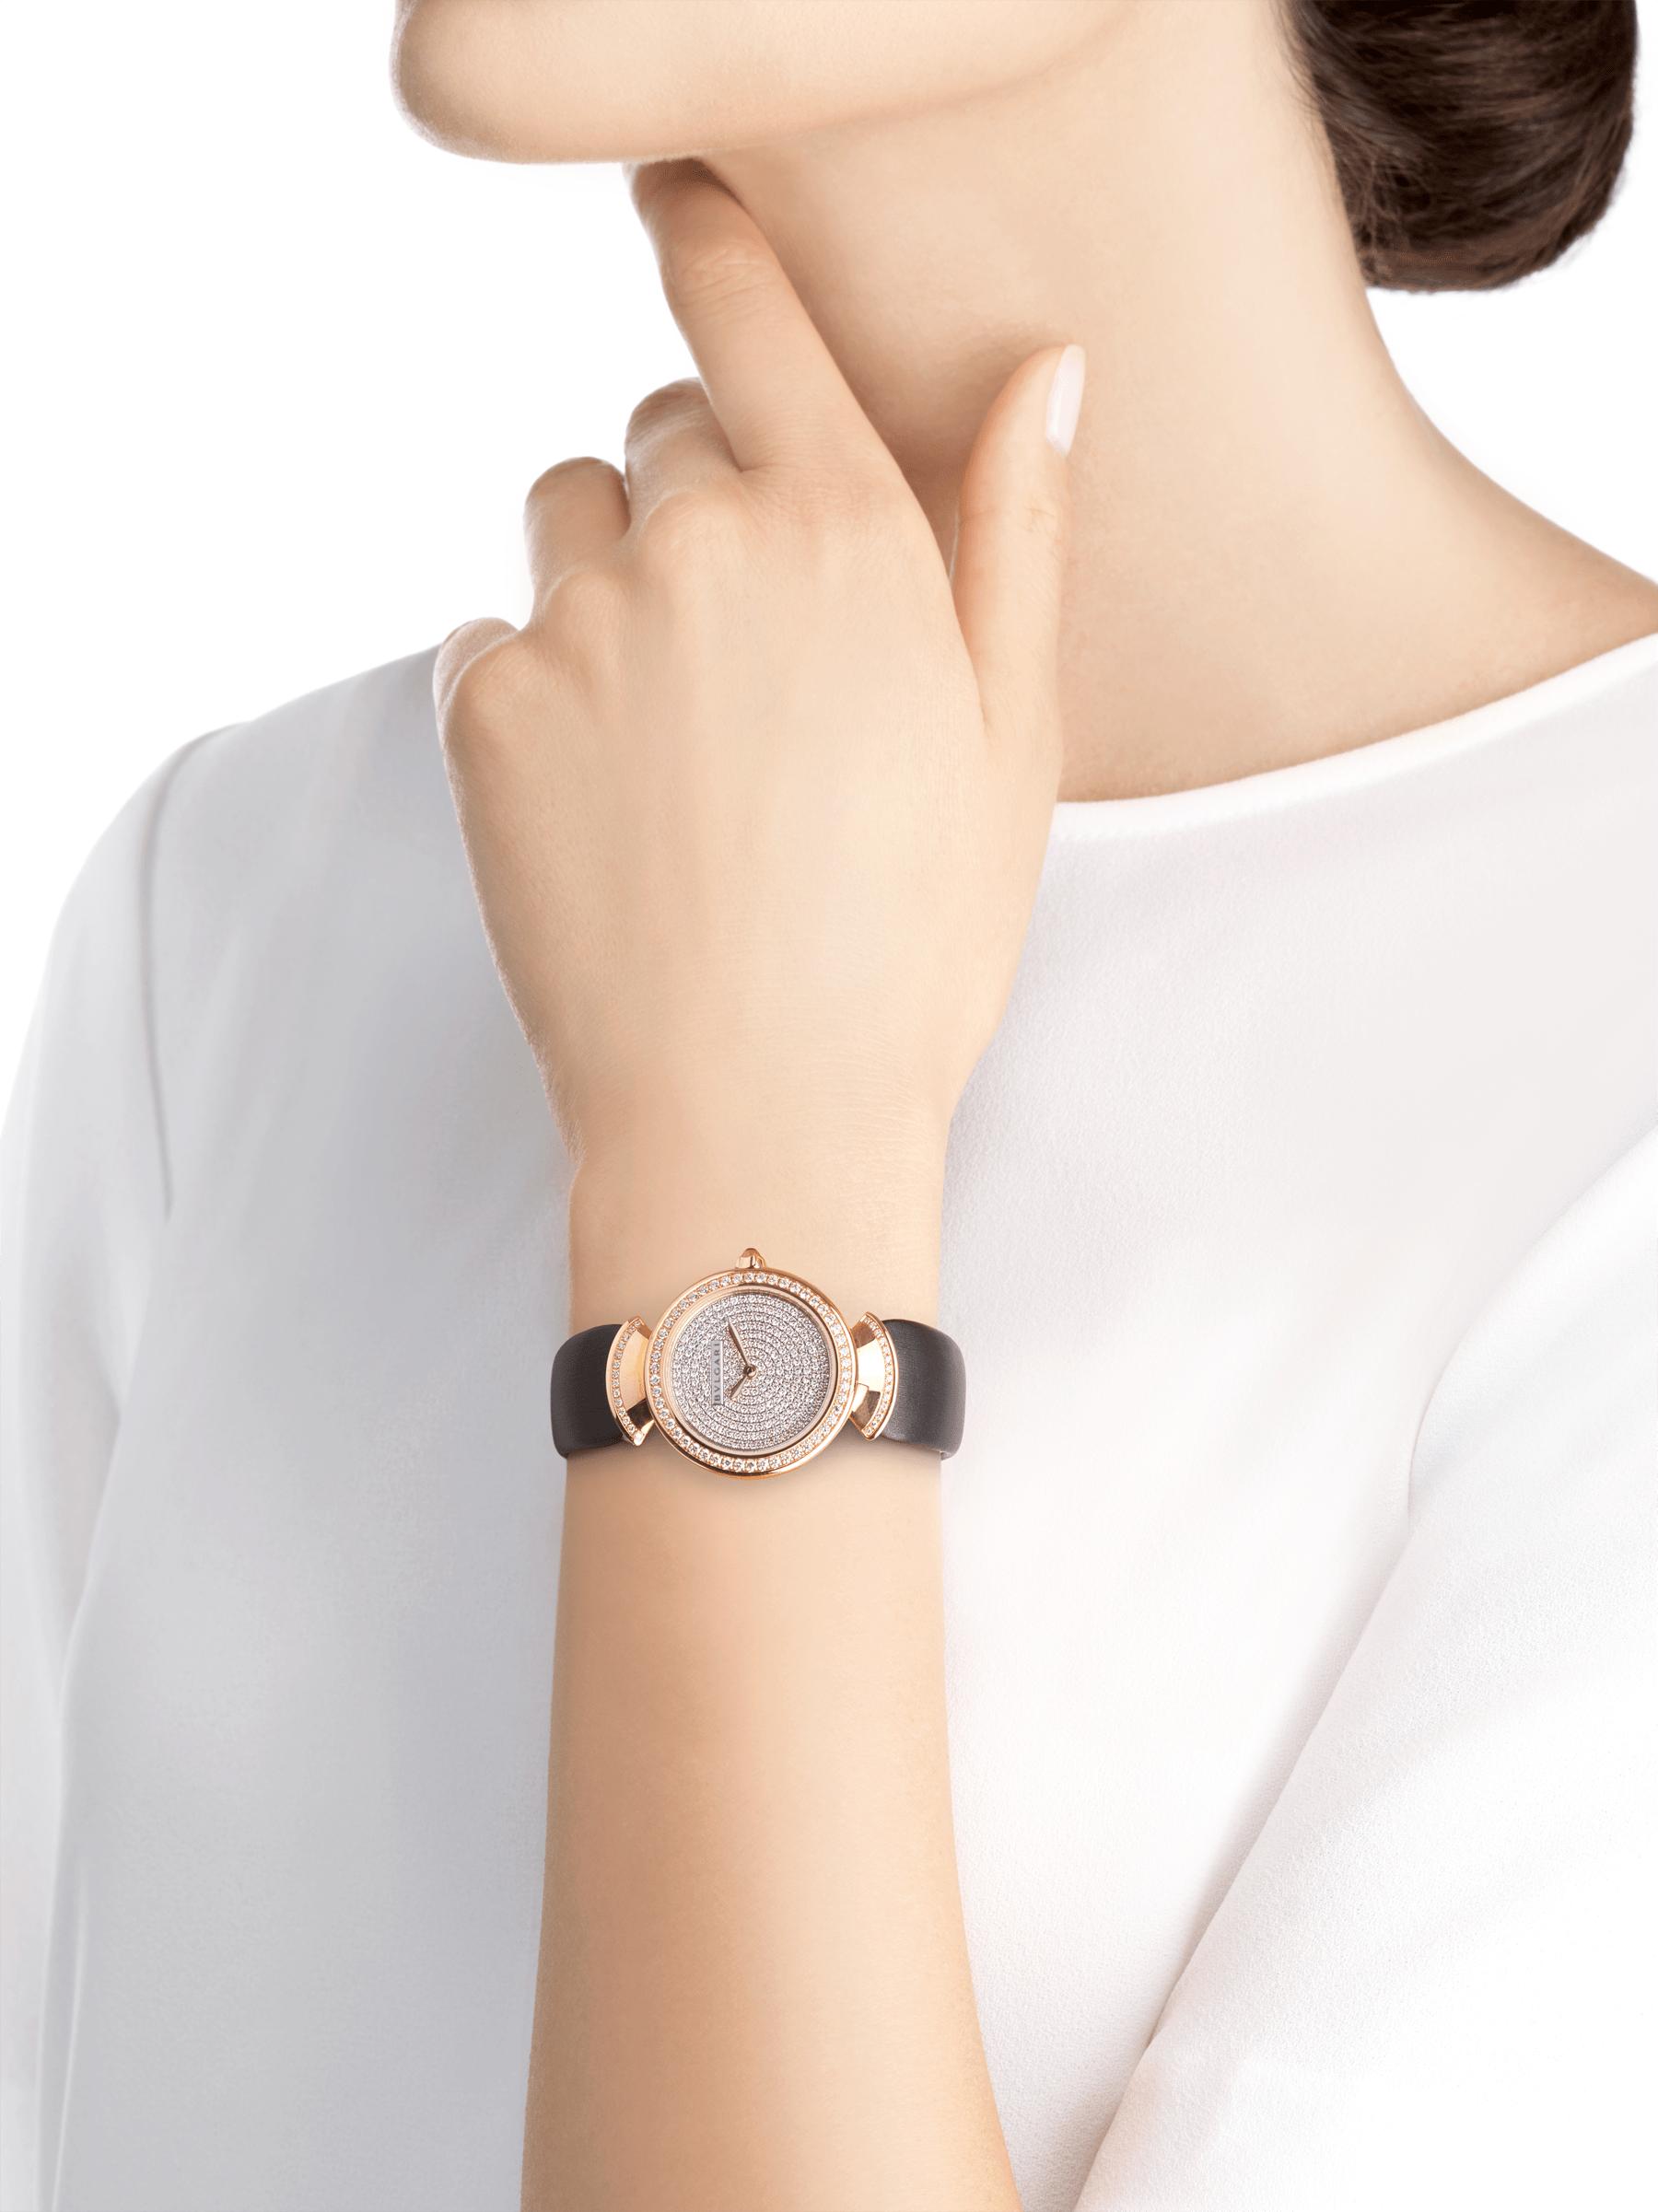 Montre DIVAS' DREAM avec boîtier en or rose 18K serti de diamants taille brillant, cadran pavé diamants et bracelet en satin noir 102432 image 4